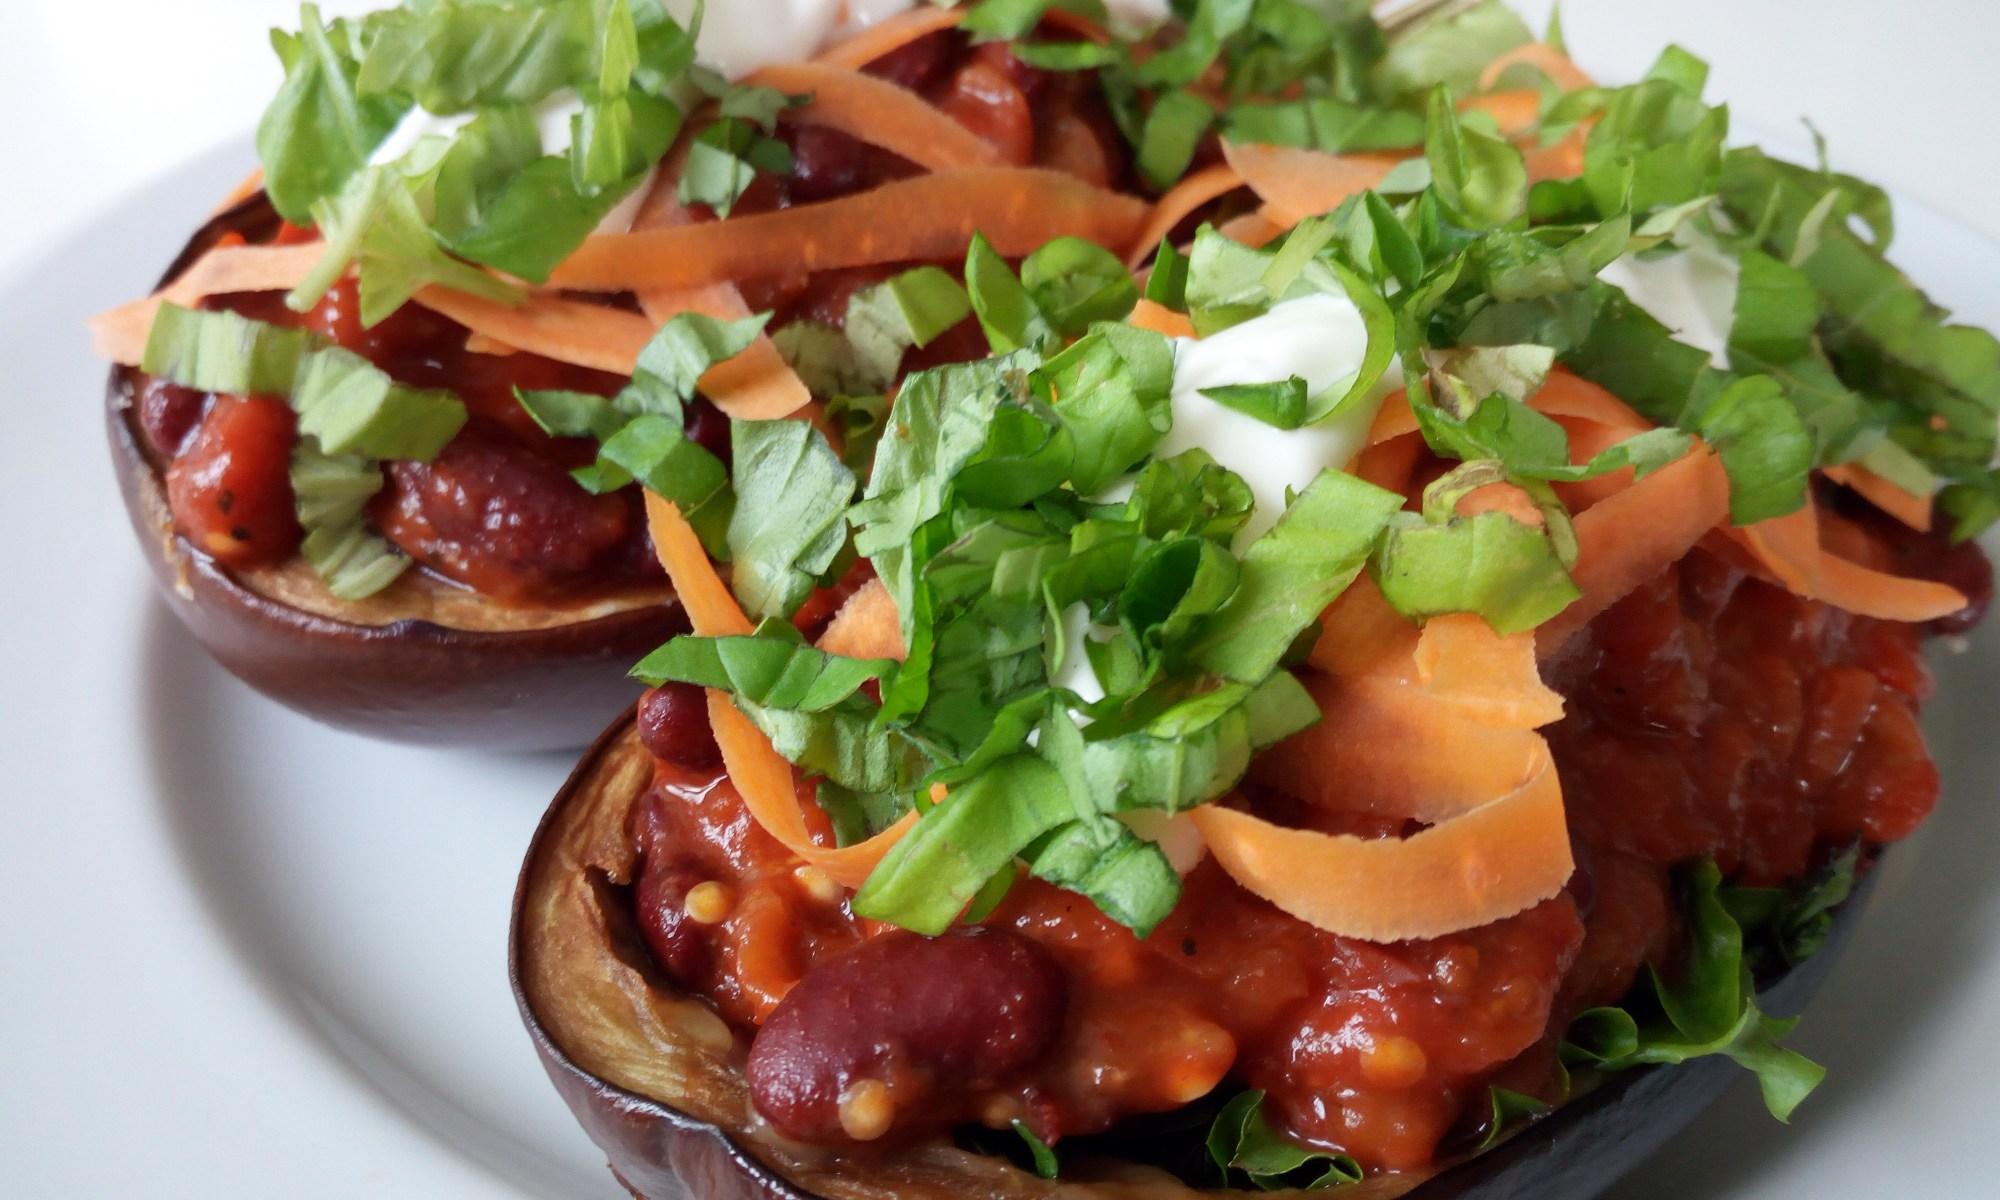 Toscana Ship - Gebackenen Aubergine mit mit einer würzigen Gemüse-Weißein-Mischung in Tomatensouce, darauf ein frischer cremiger Dip und zarte Karottenstreifen und Basilikum als Topping.